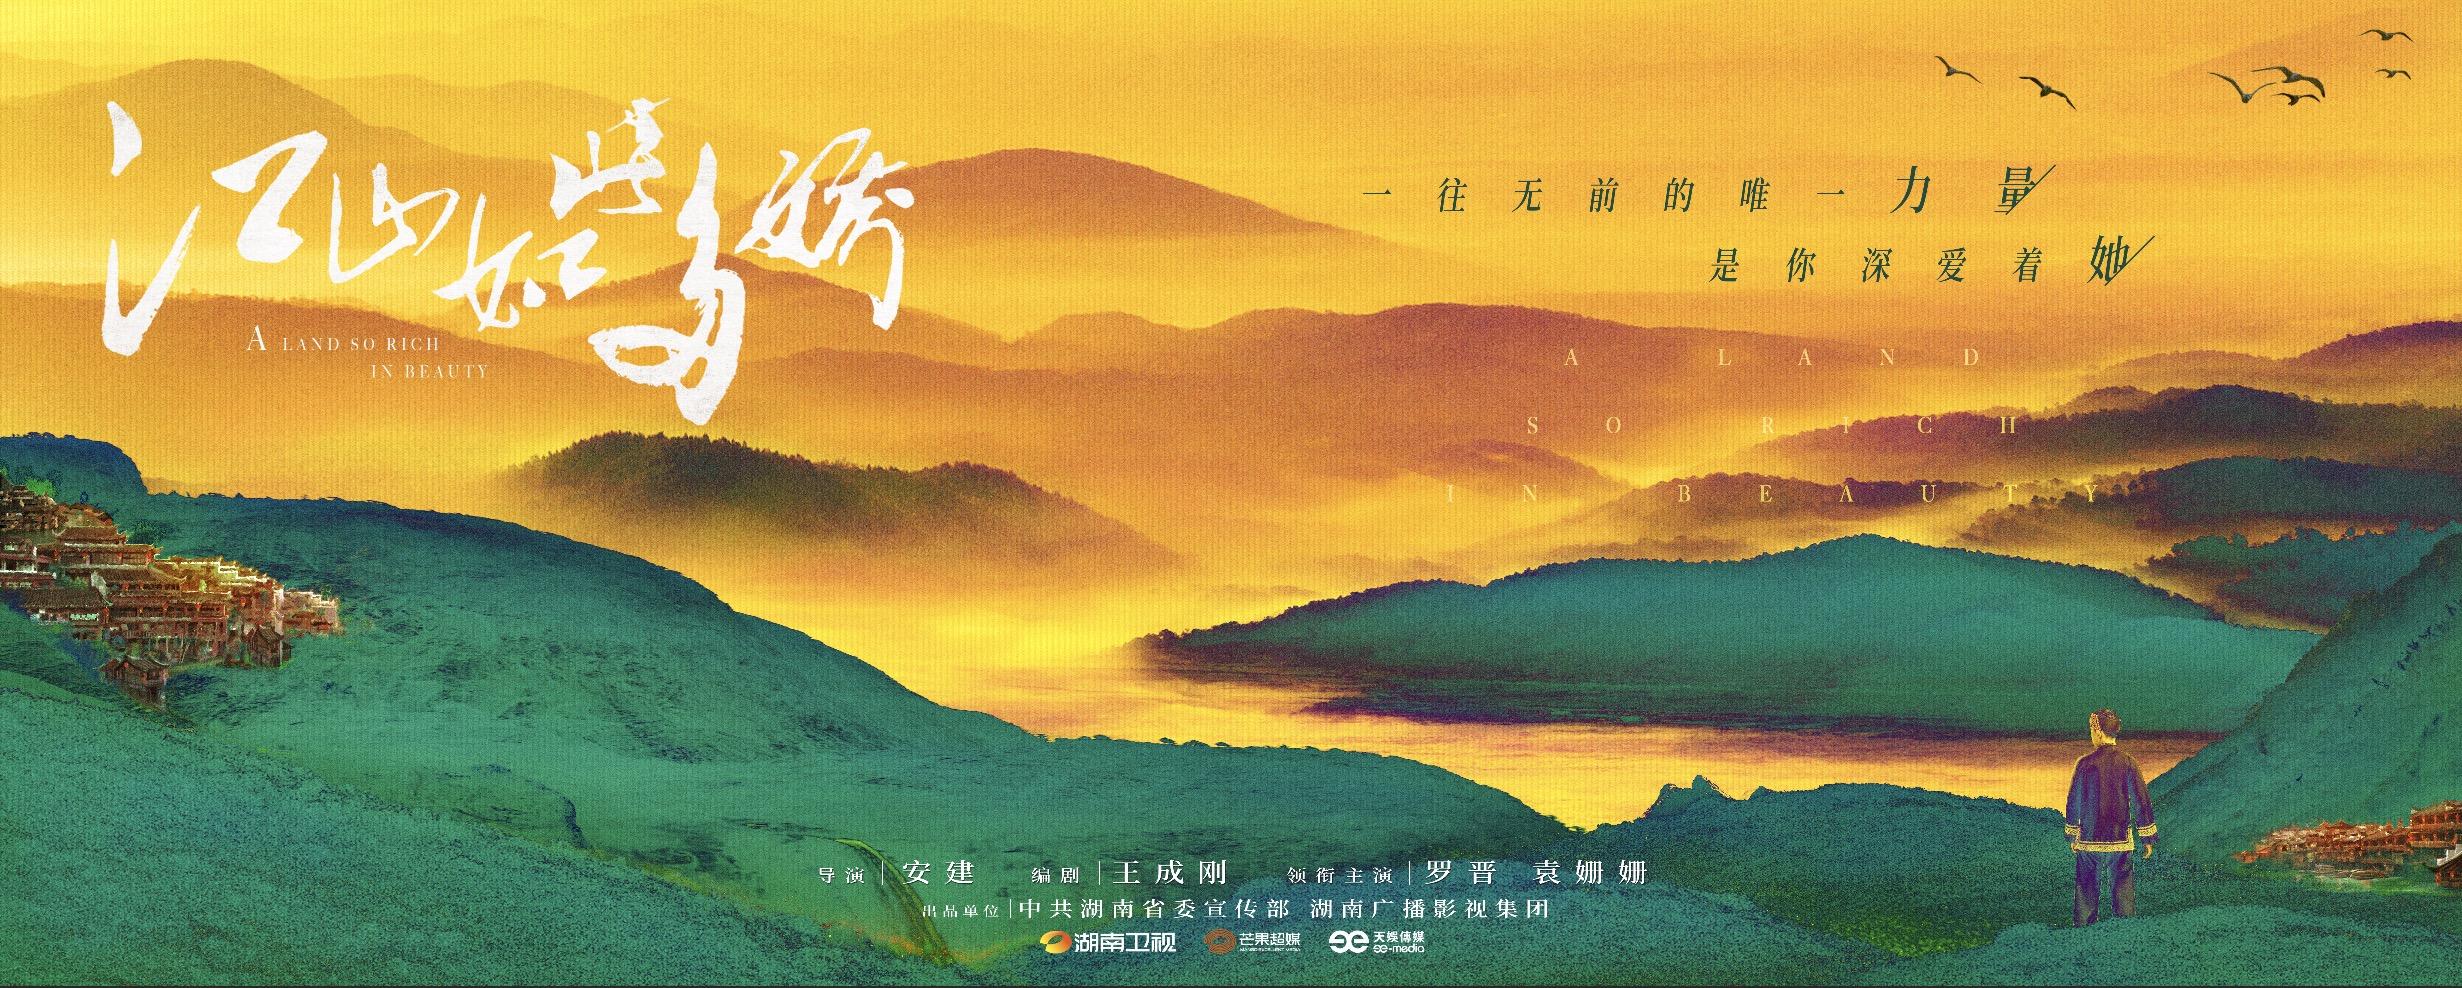 电视剧《江山如此多娇》计划今年年底在湖南卫视播出